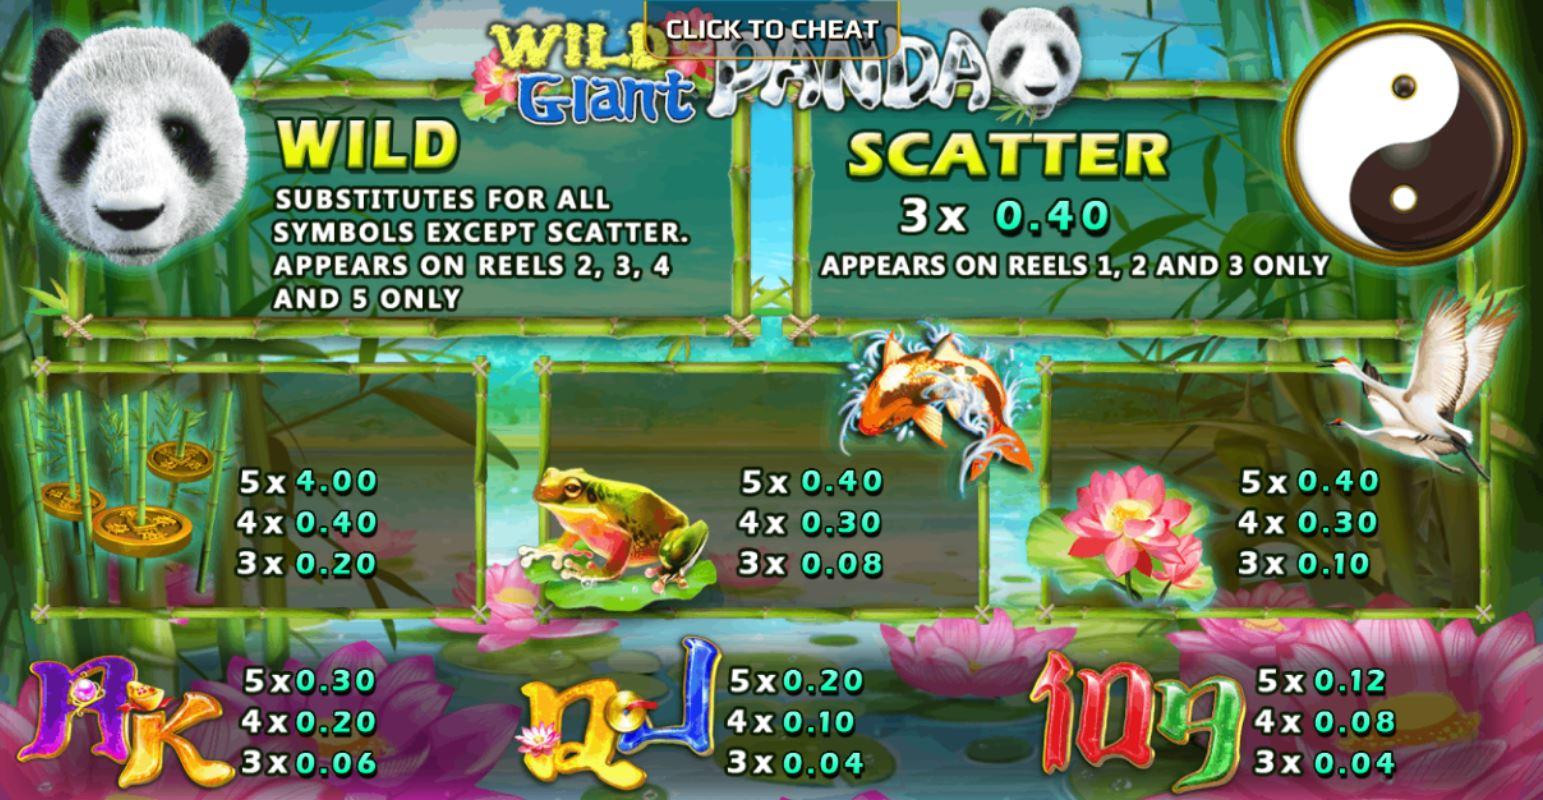 สล็อตแพนด้า รีวิวเกม Wild Giant Panda-3